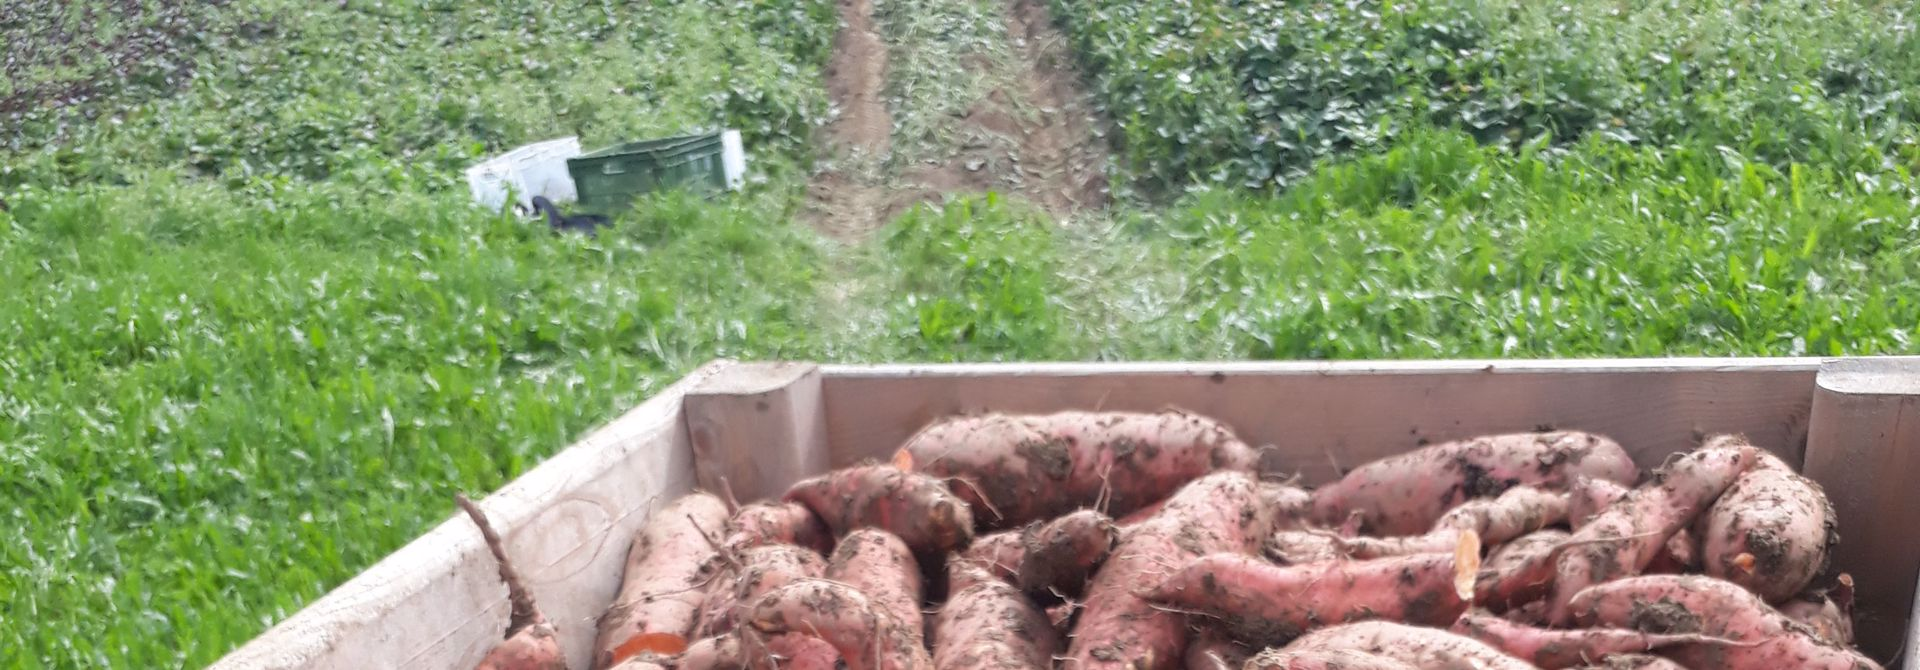 Die richtige Behandlung der Su00fcsskartoffeln nach der Ernte ist entscheidend>